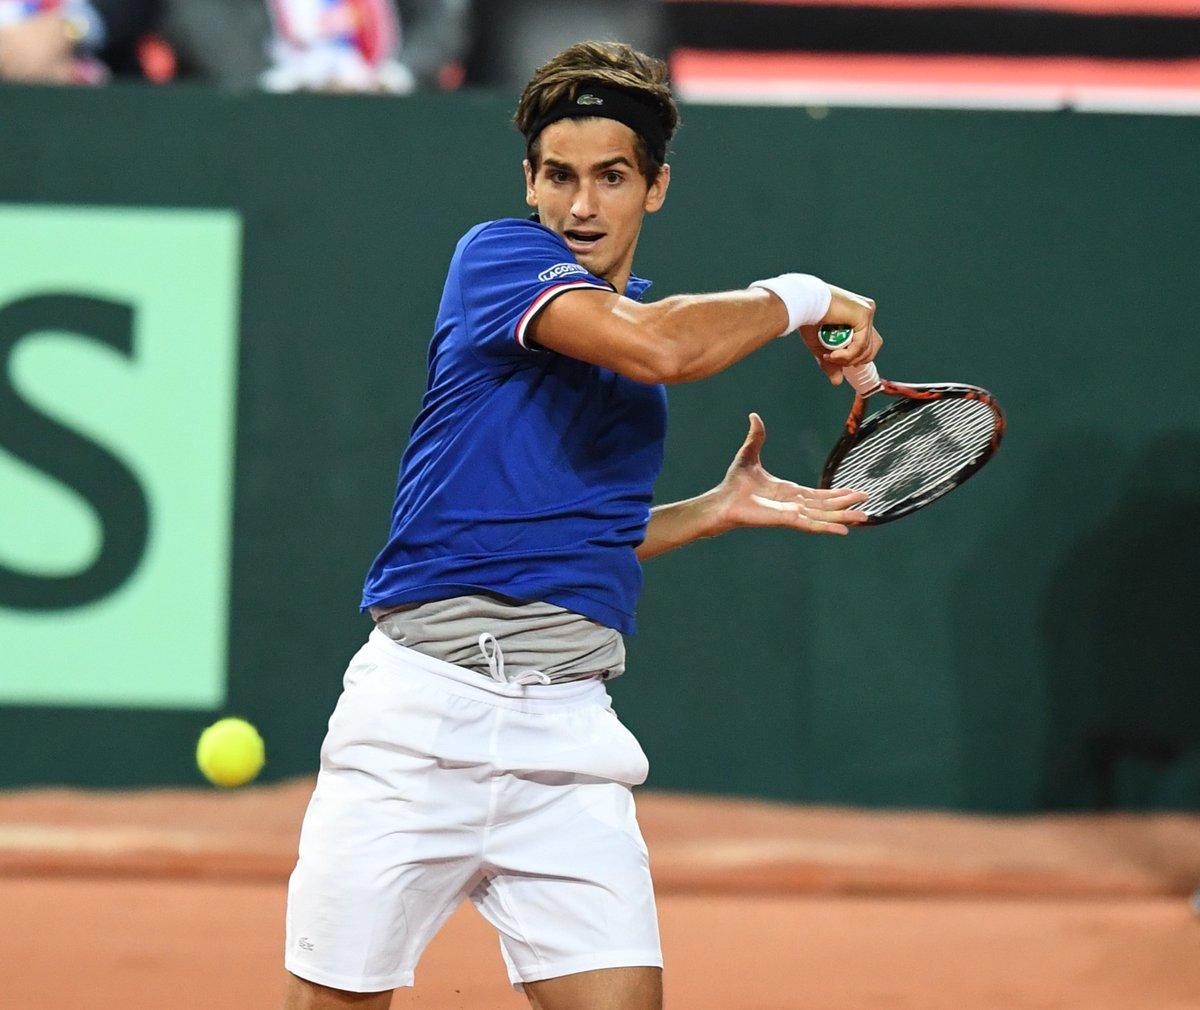 test Twitter Media - #Tennis 🎾  Qualification pour les 8es de P.-H. #Herbert 🇫🇷 au tournoi de #Vienne, qui a battu B. #Tomic en 2 sets 7/6 (4) 7/5. https://t.co/fI8PIeFPeW